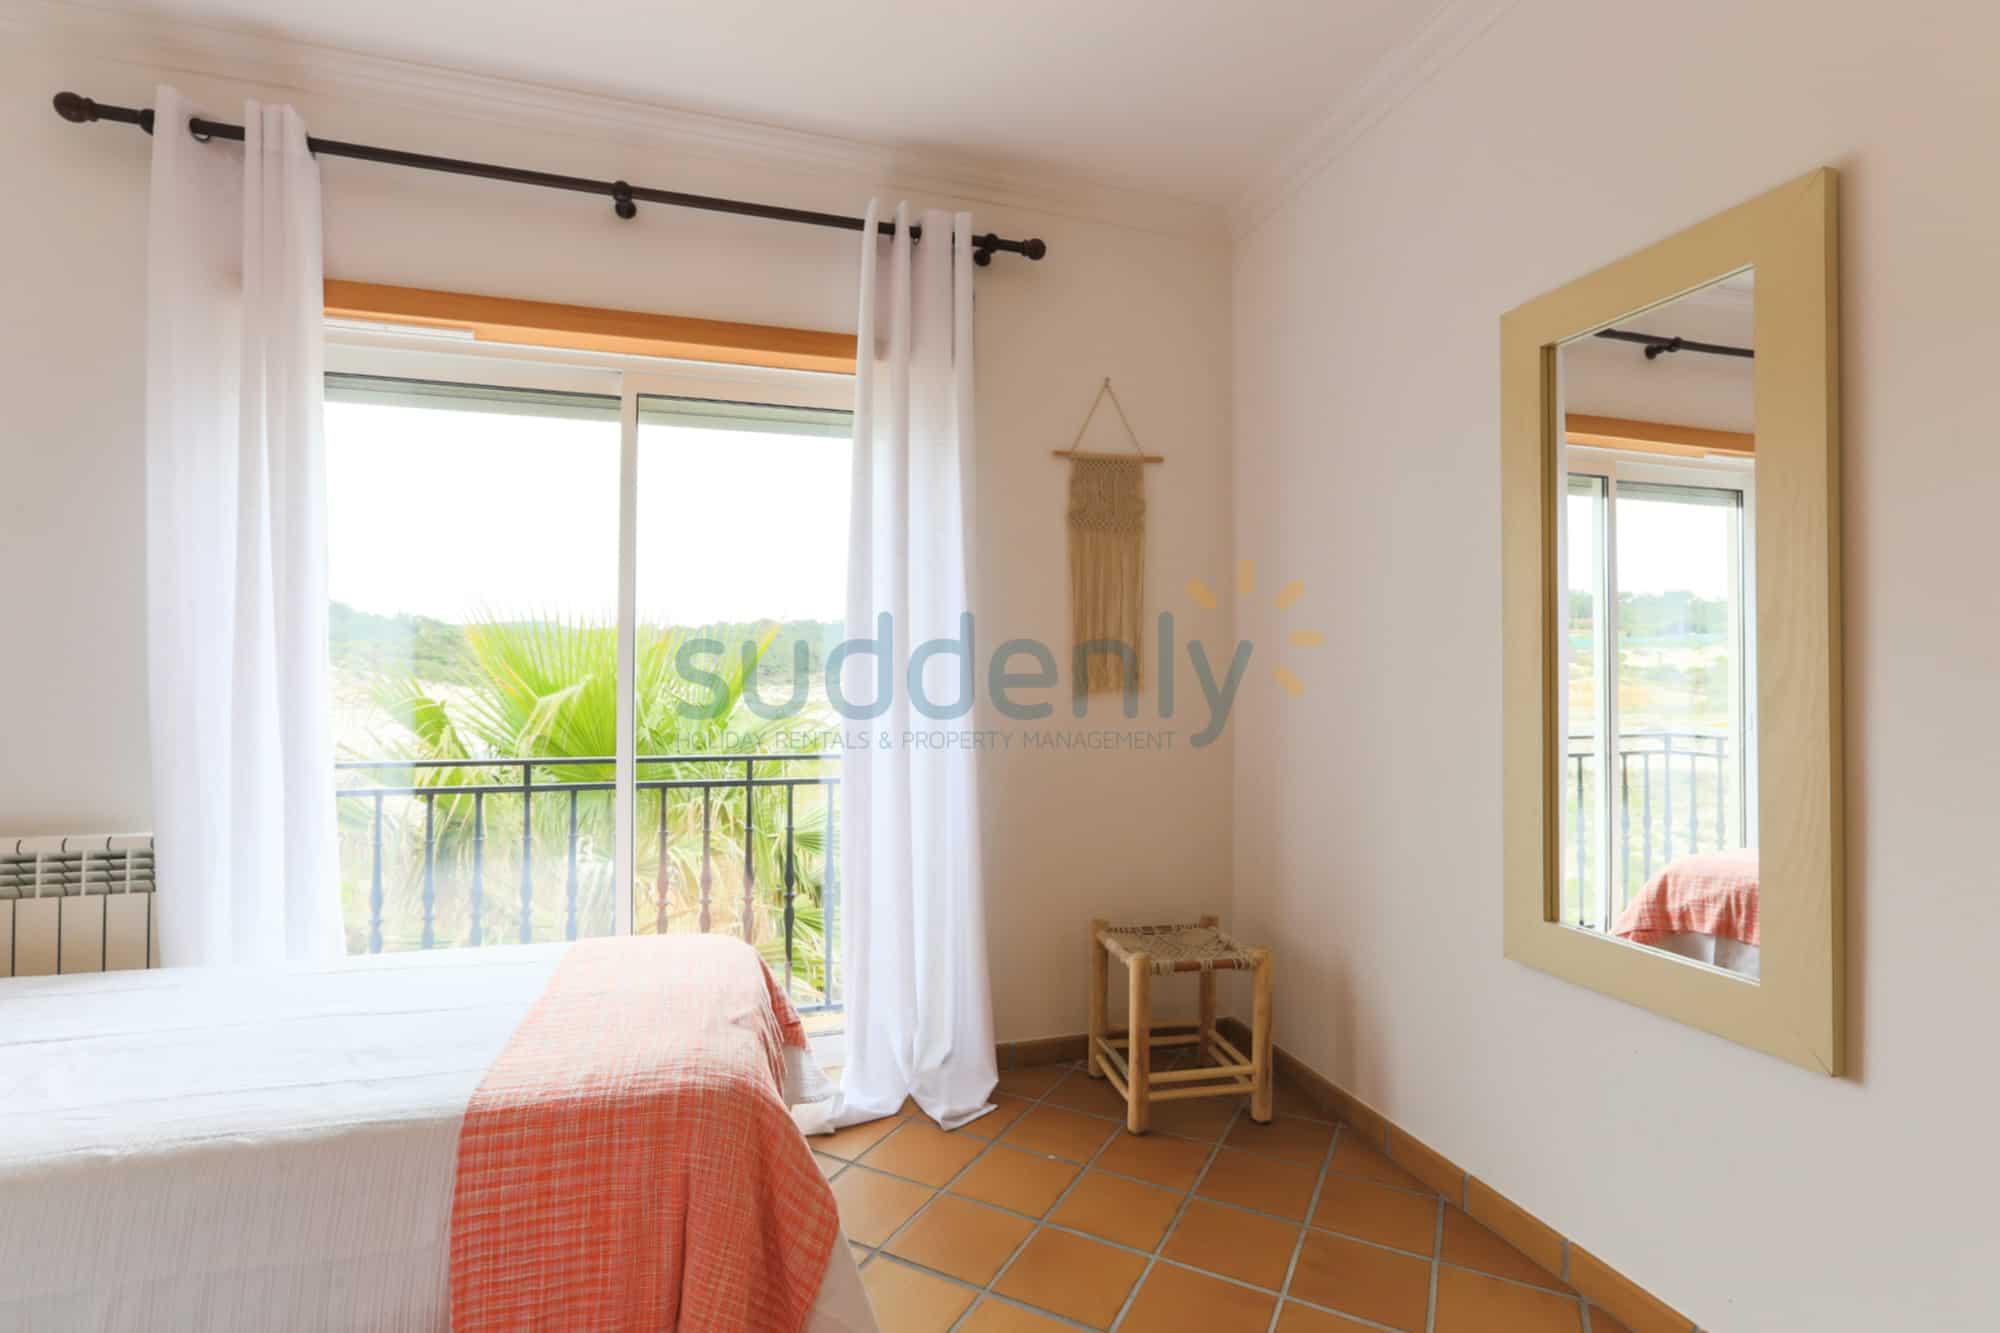 Holiday Rentals in Praia D'El Rey 301